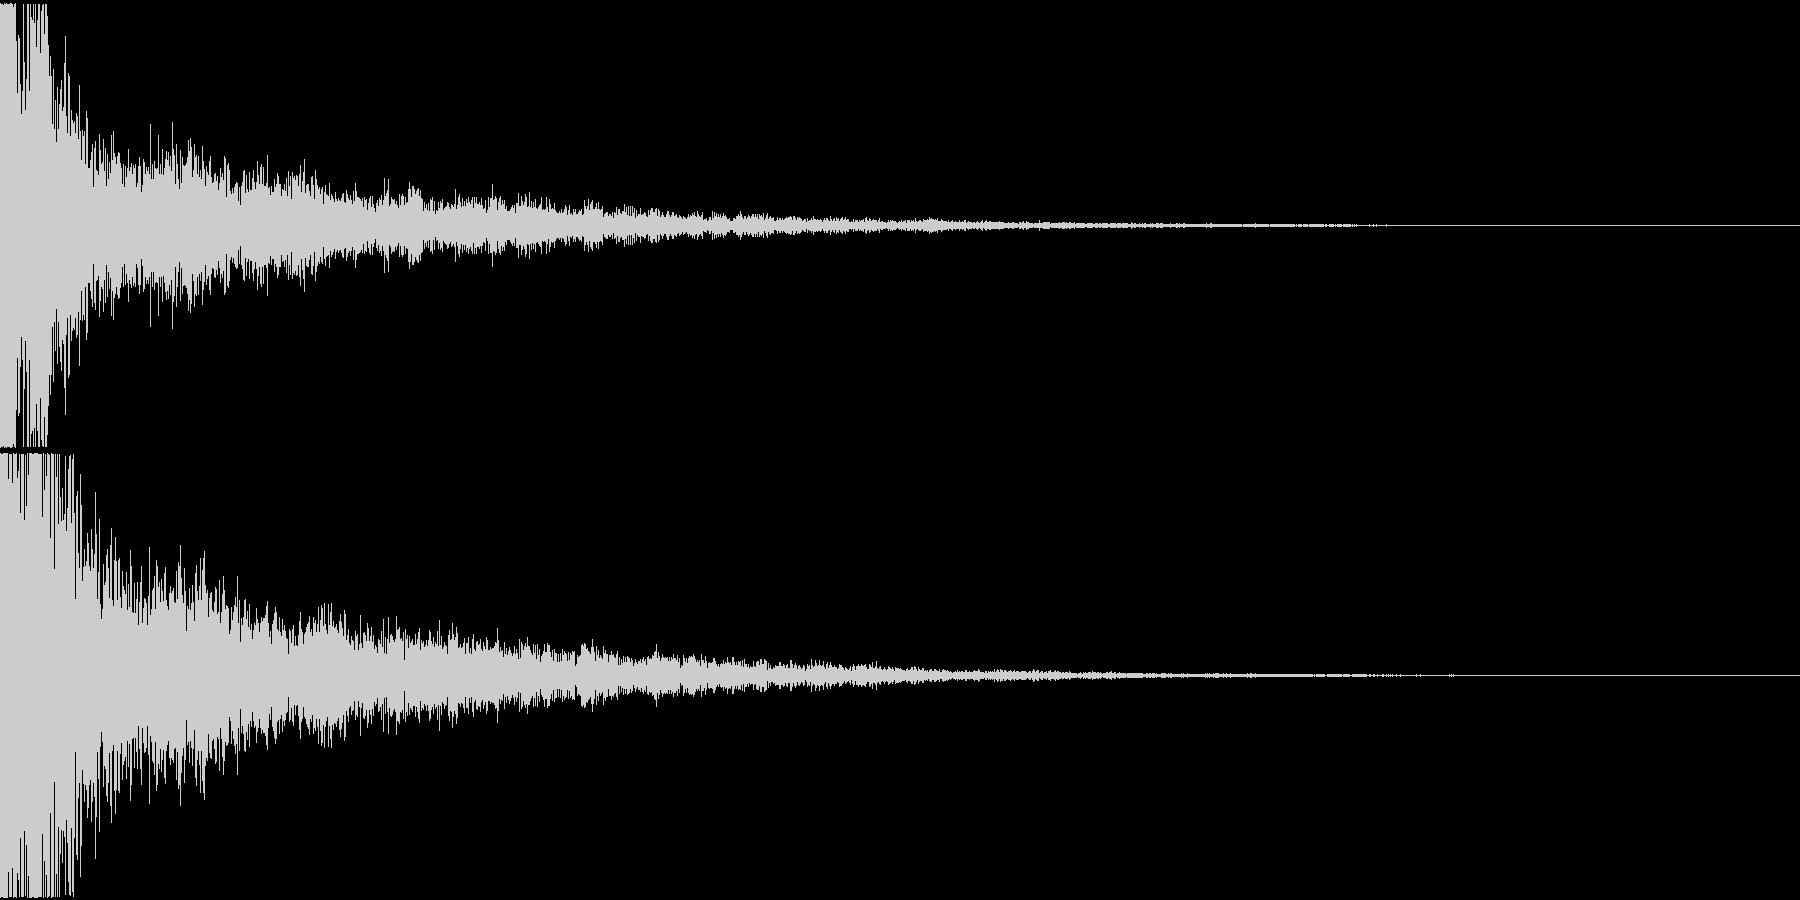 日常アニメ系のボタン効果音「てん!」2の未再生の波形